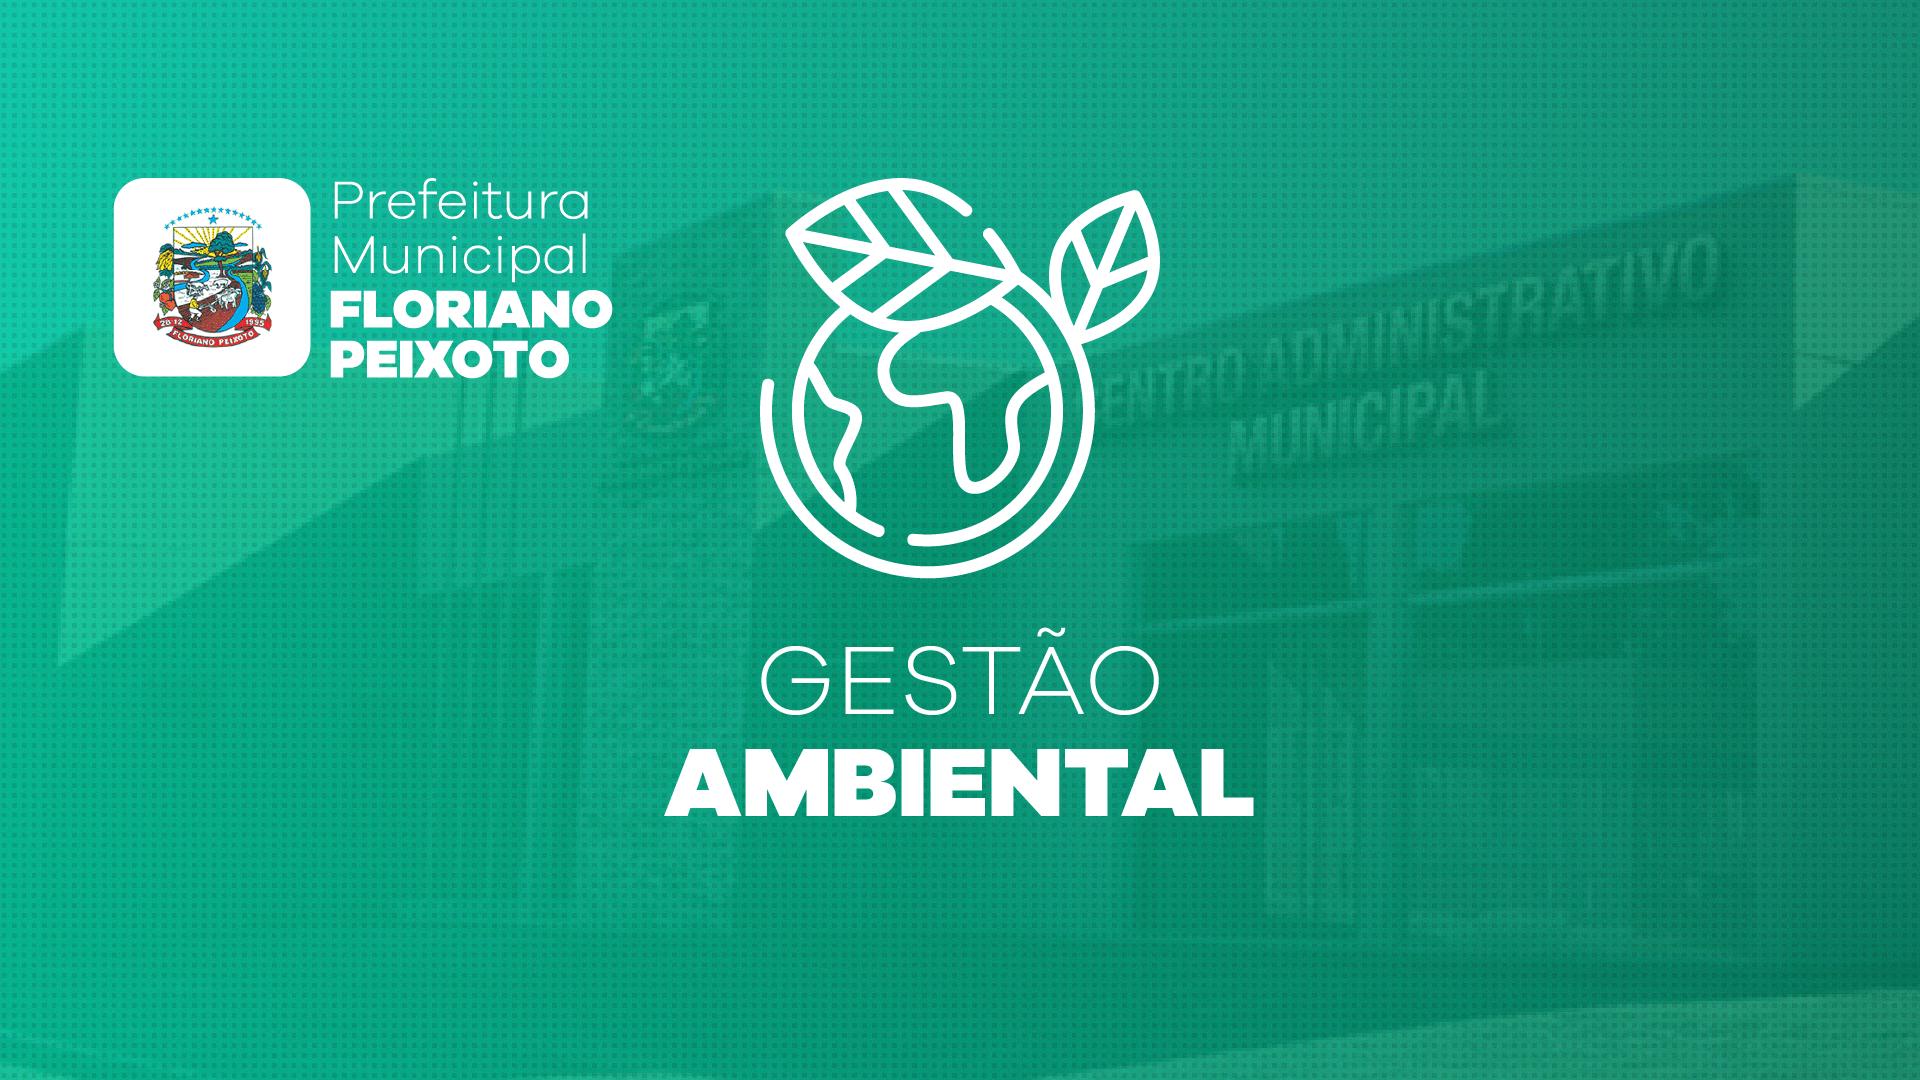 Prefeitura de Floriano Peixoto adere ao Gestão Ambiental